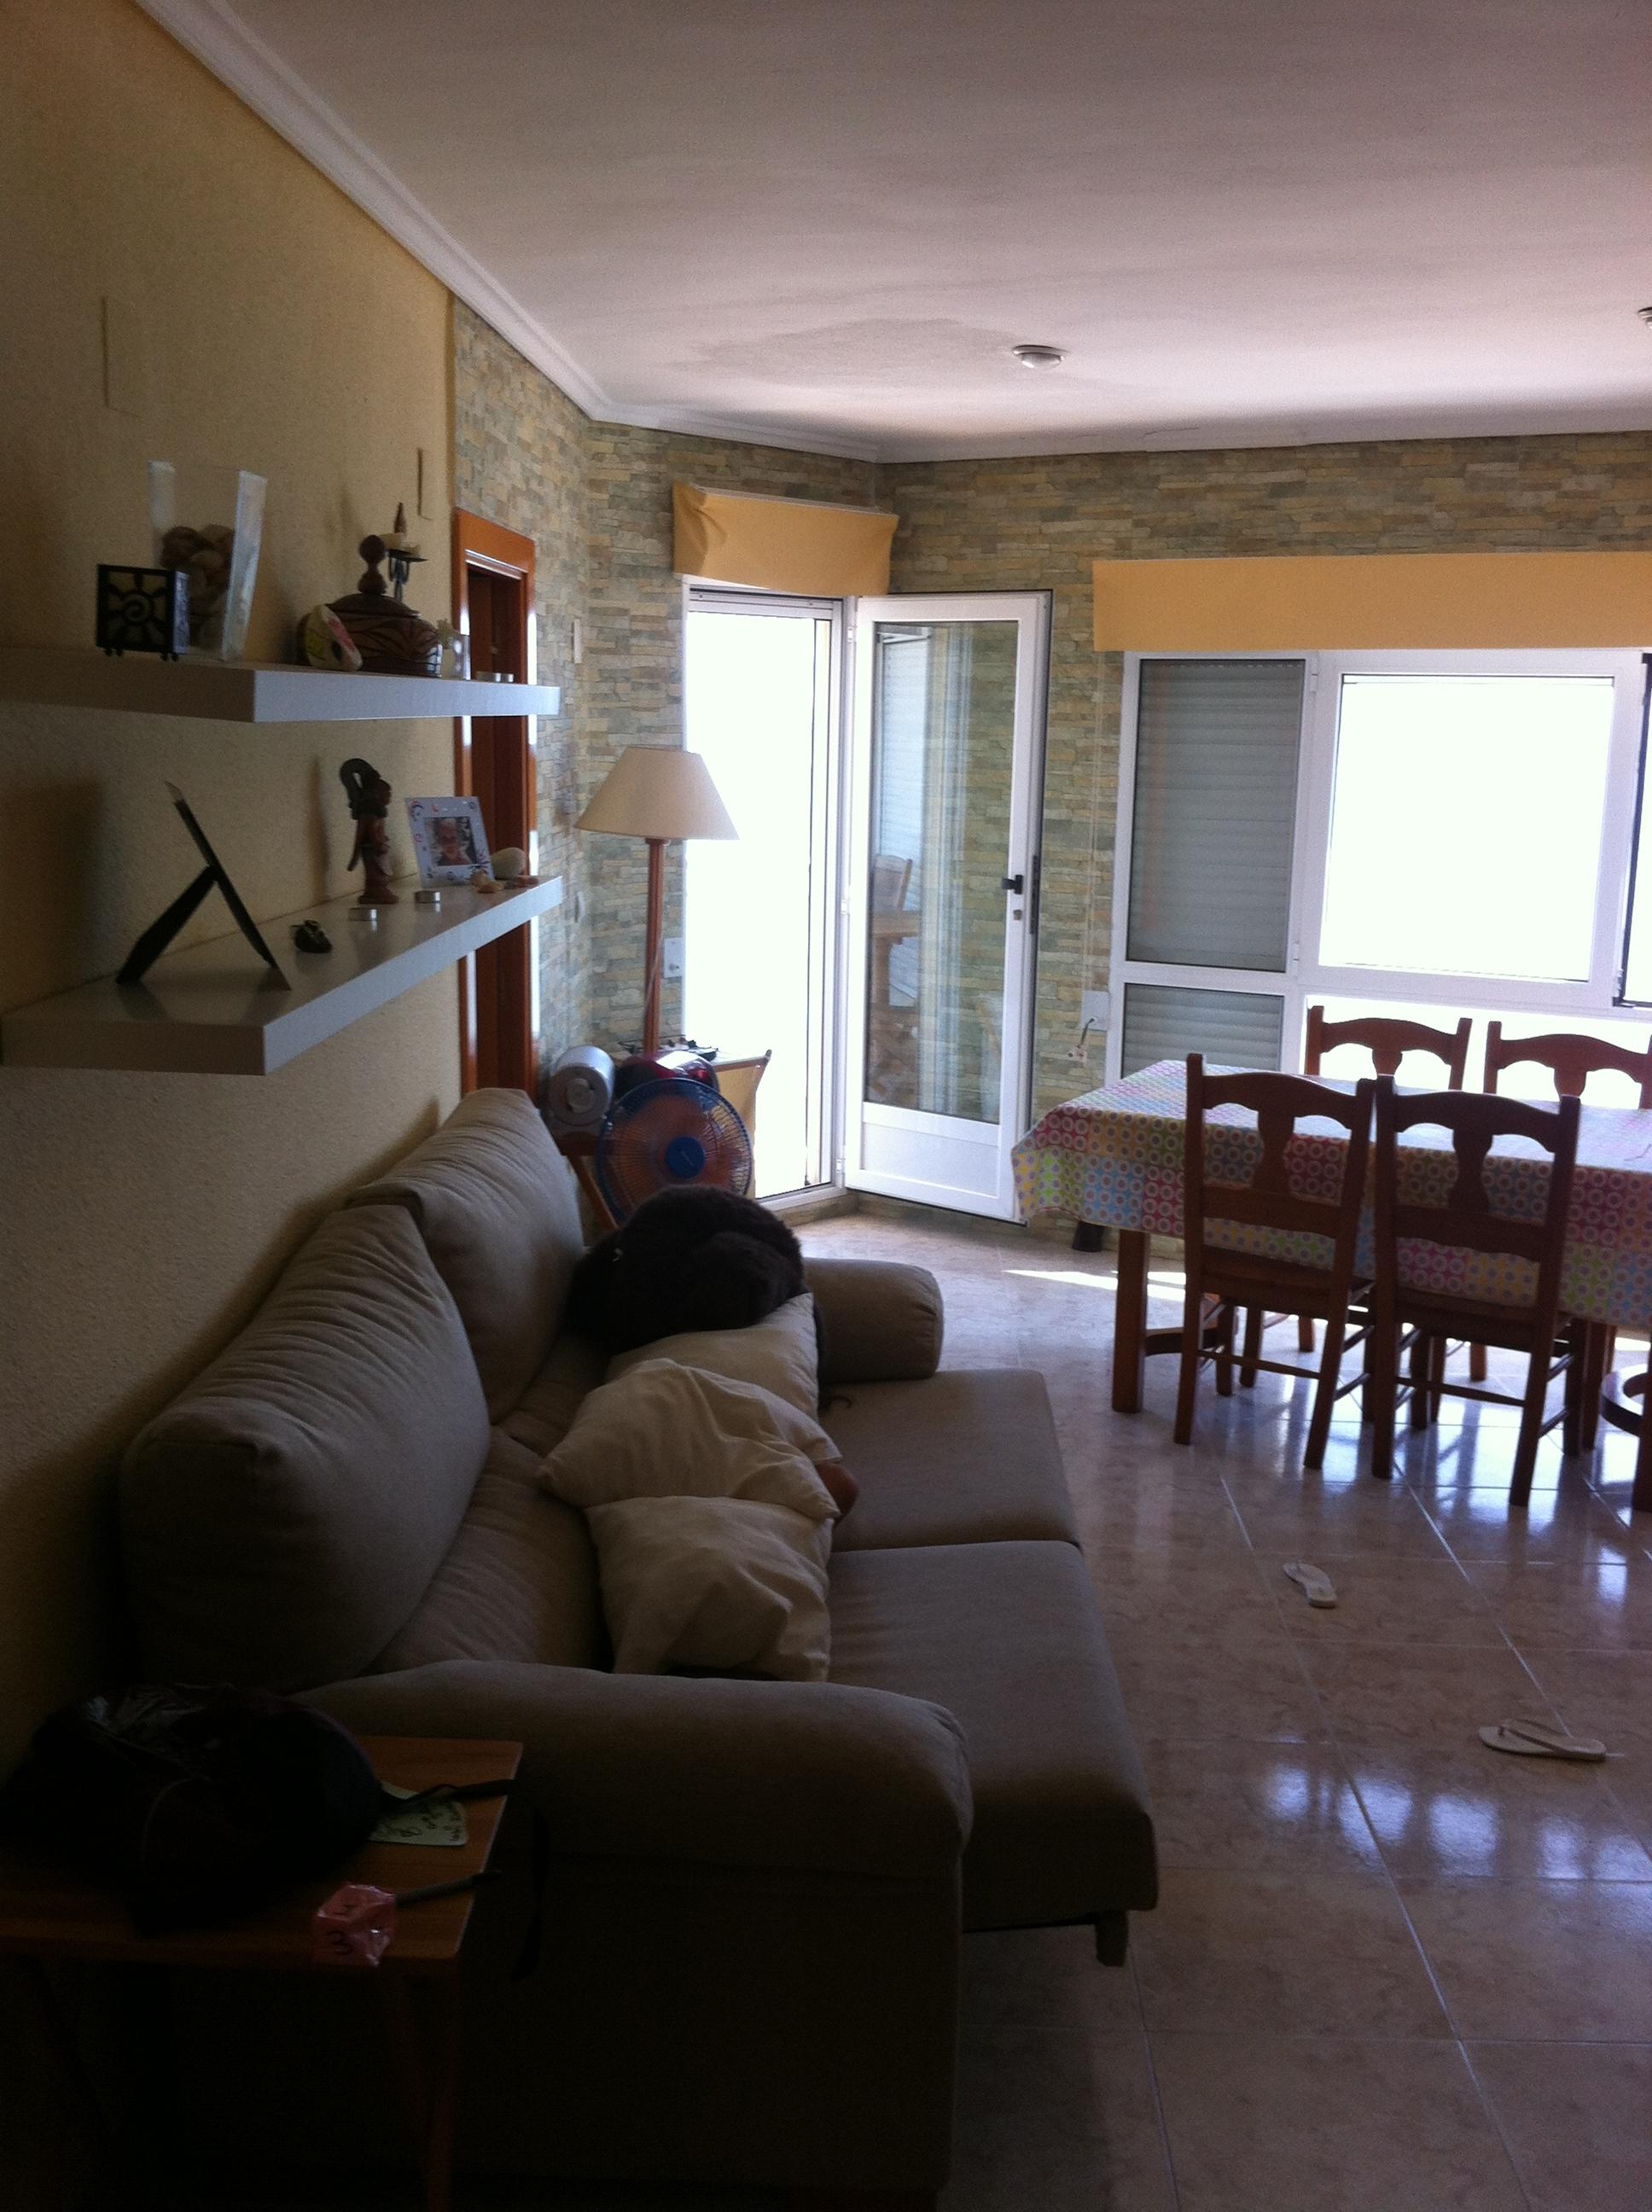 Inmobiliaria gestitur apartamento en primera l nea de playa dosel 4006 apartamento en - Venta apartamentos playa cullera ...